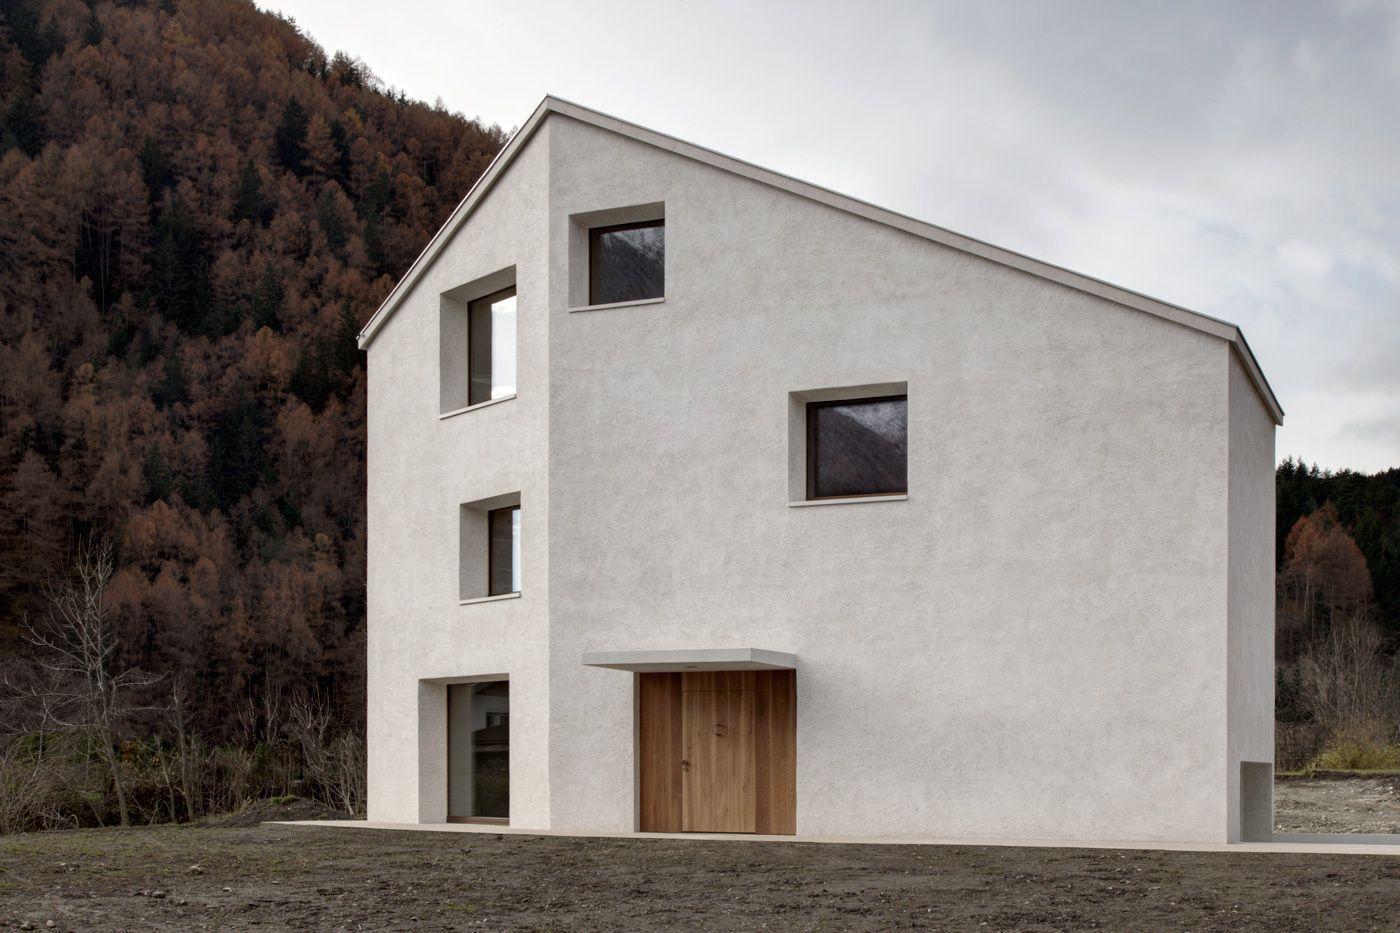 kavel warande house / Pedevilla Architekten | Architecture ...